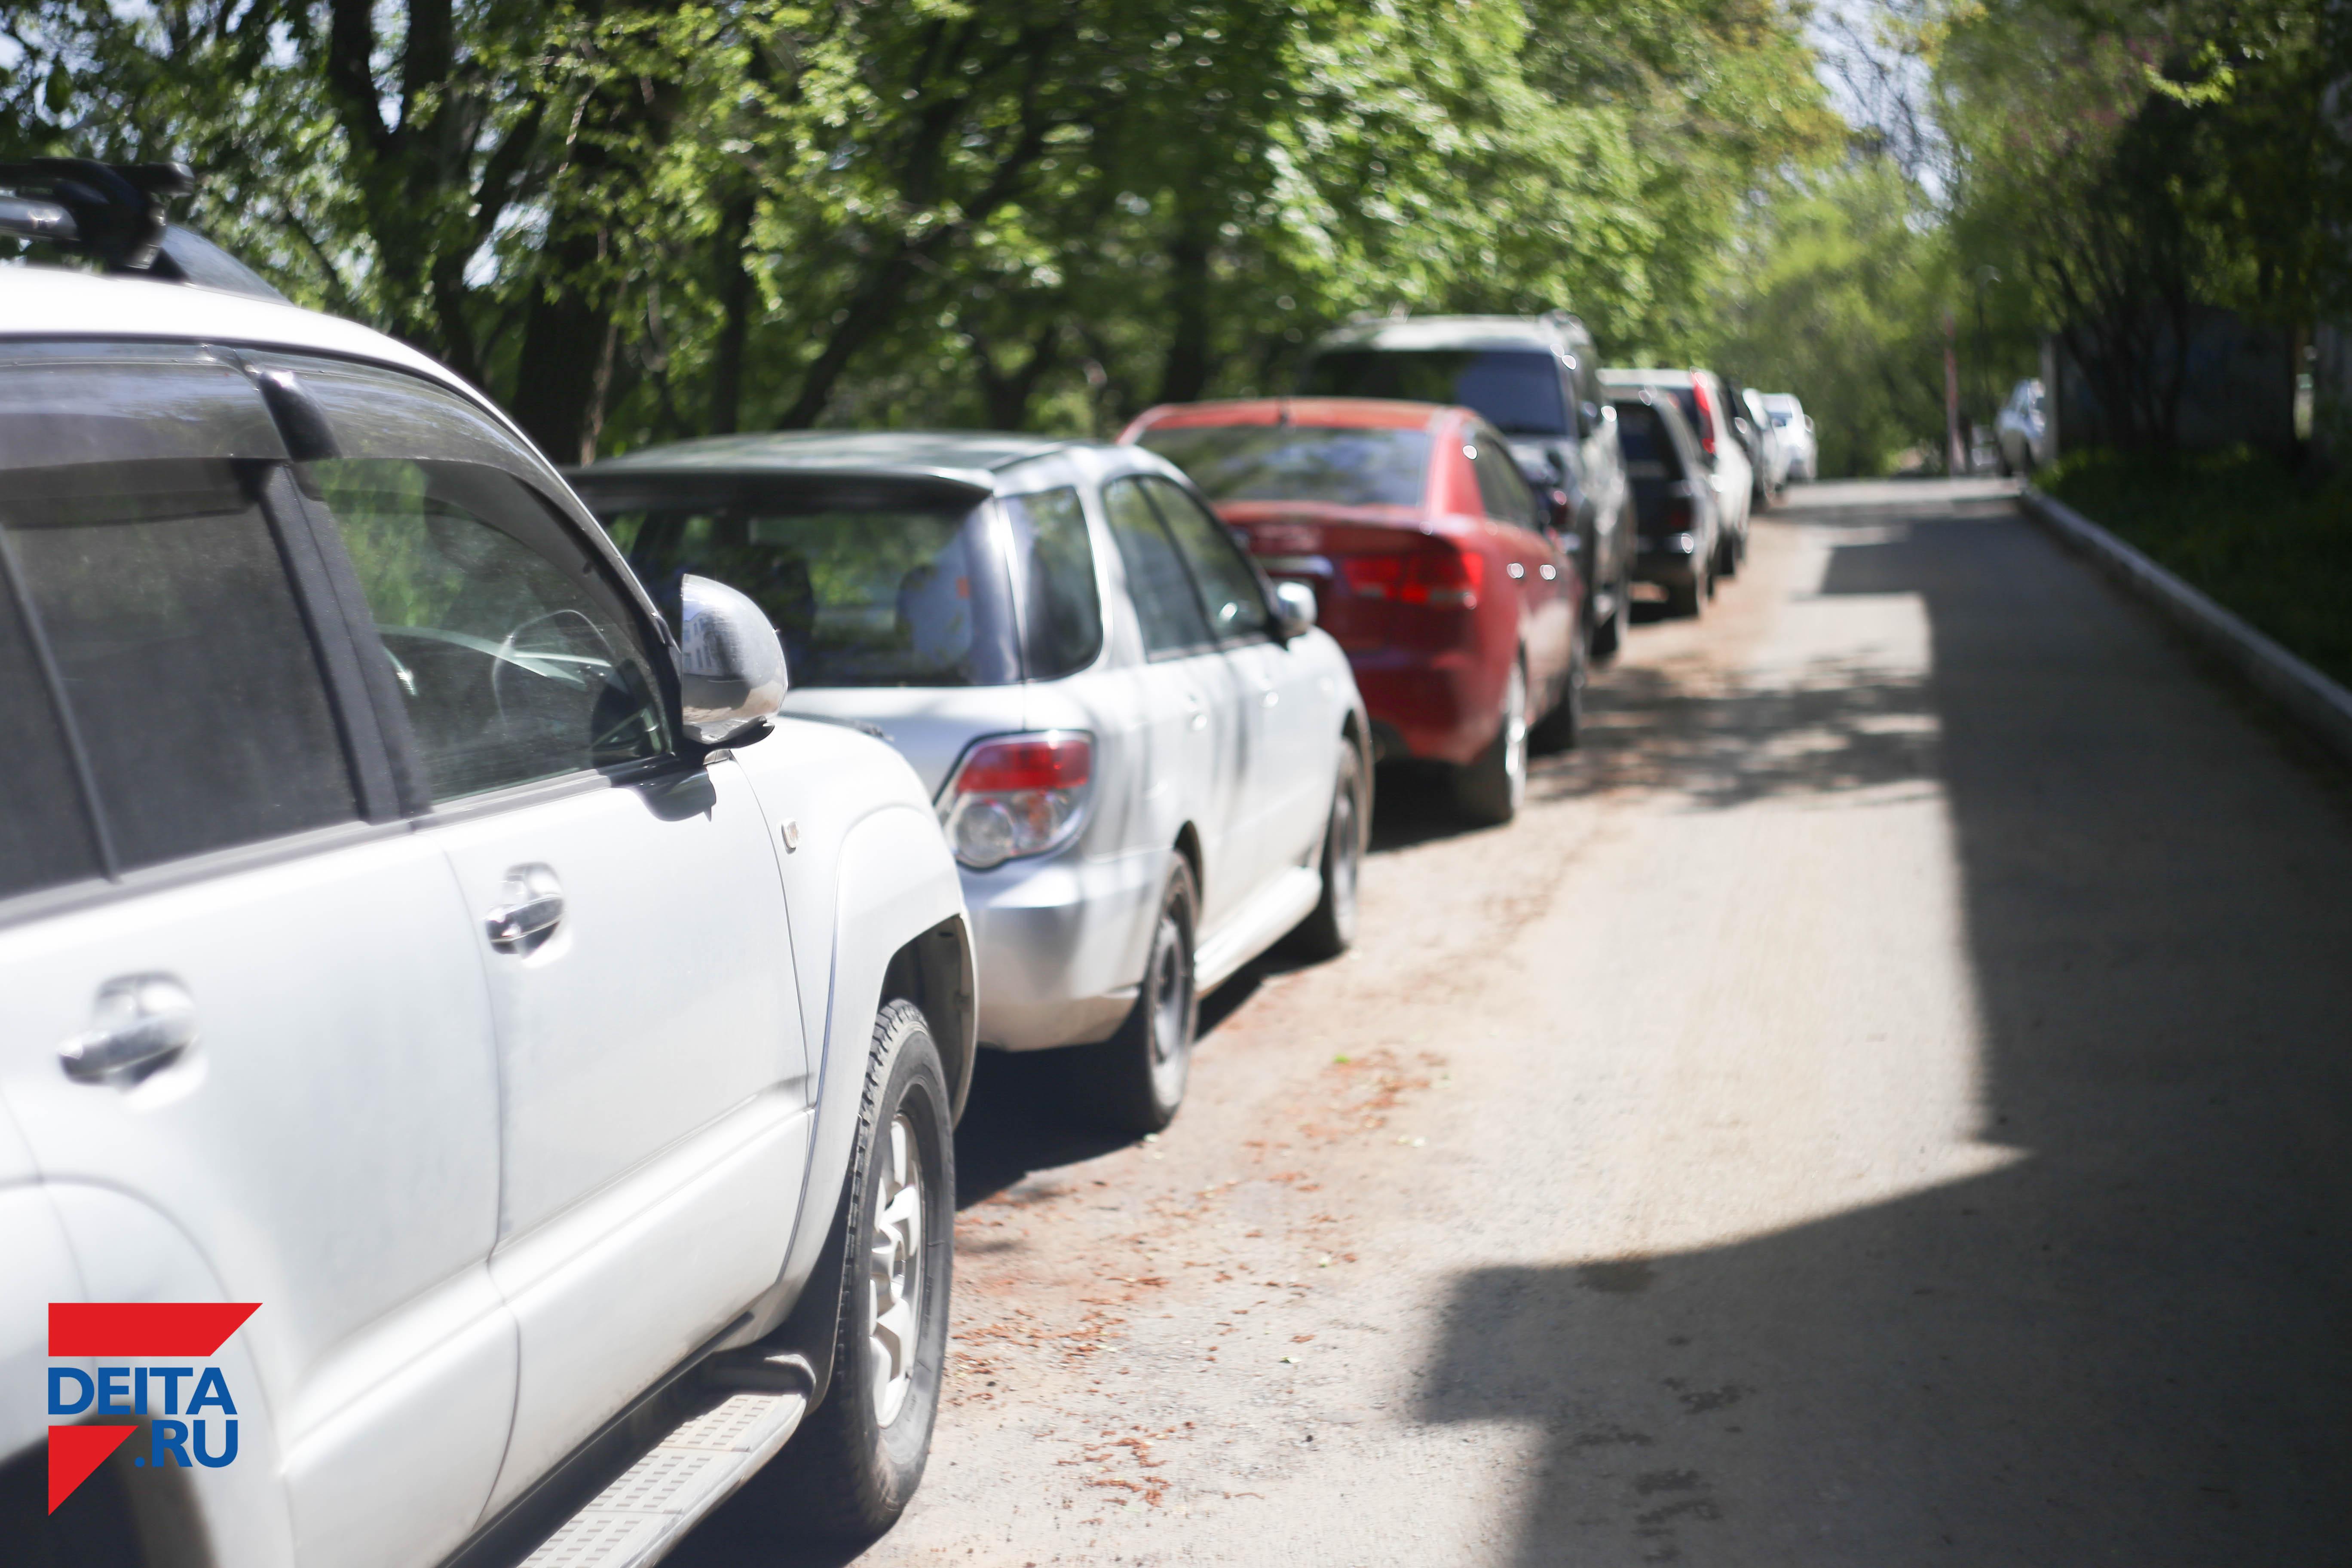 Хулиганы облили отходами автомобиль пожилой горожанки